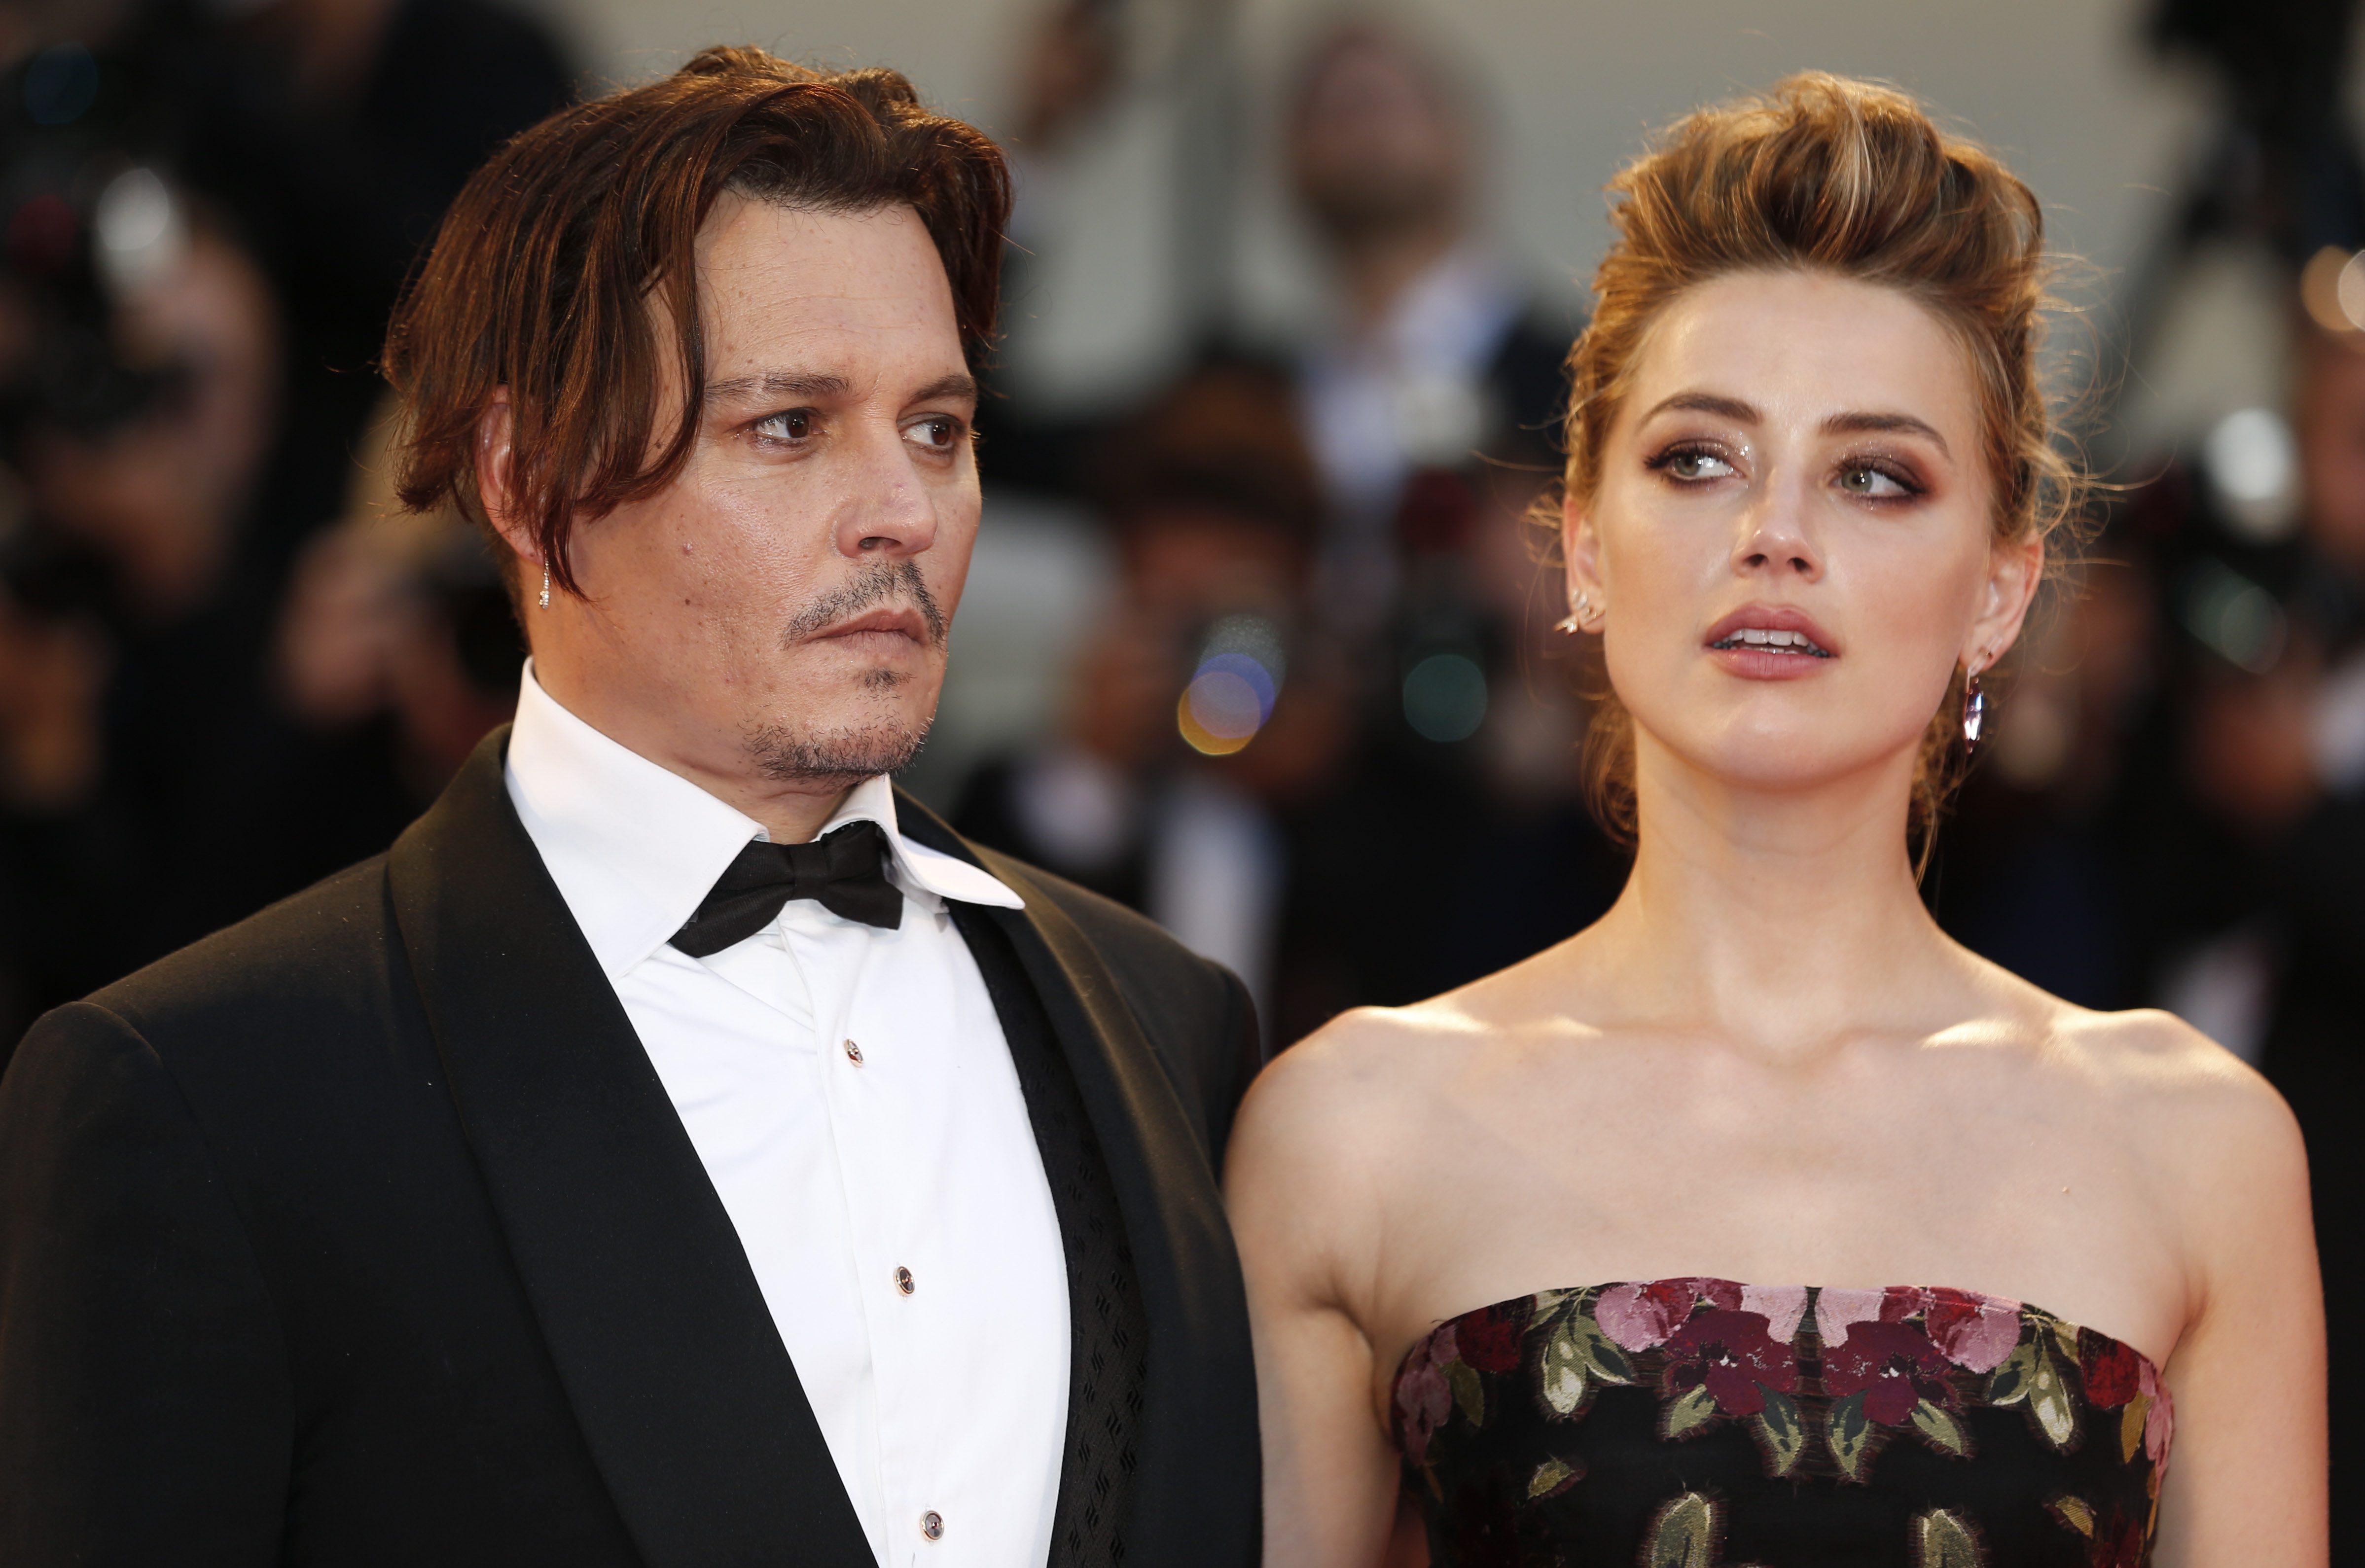 """Amber Heard lancia nuove accuse a Johnny Depp: """"Mostro, abusò di me per anni. Temevo mi uccidesse"""""""